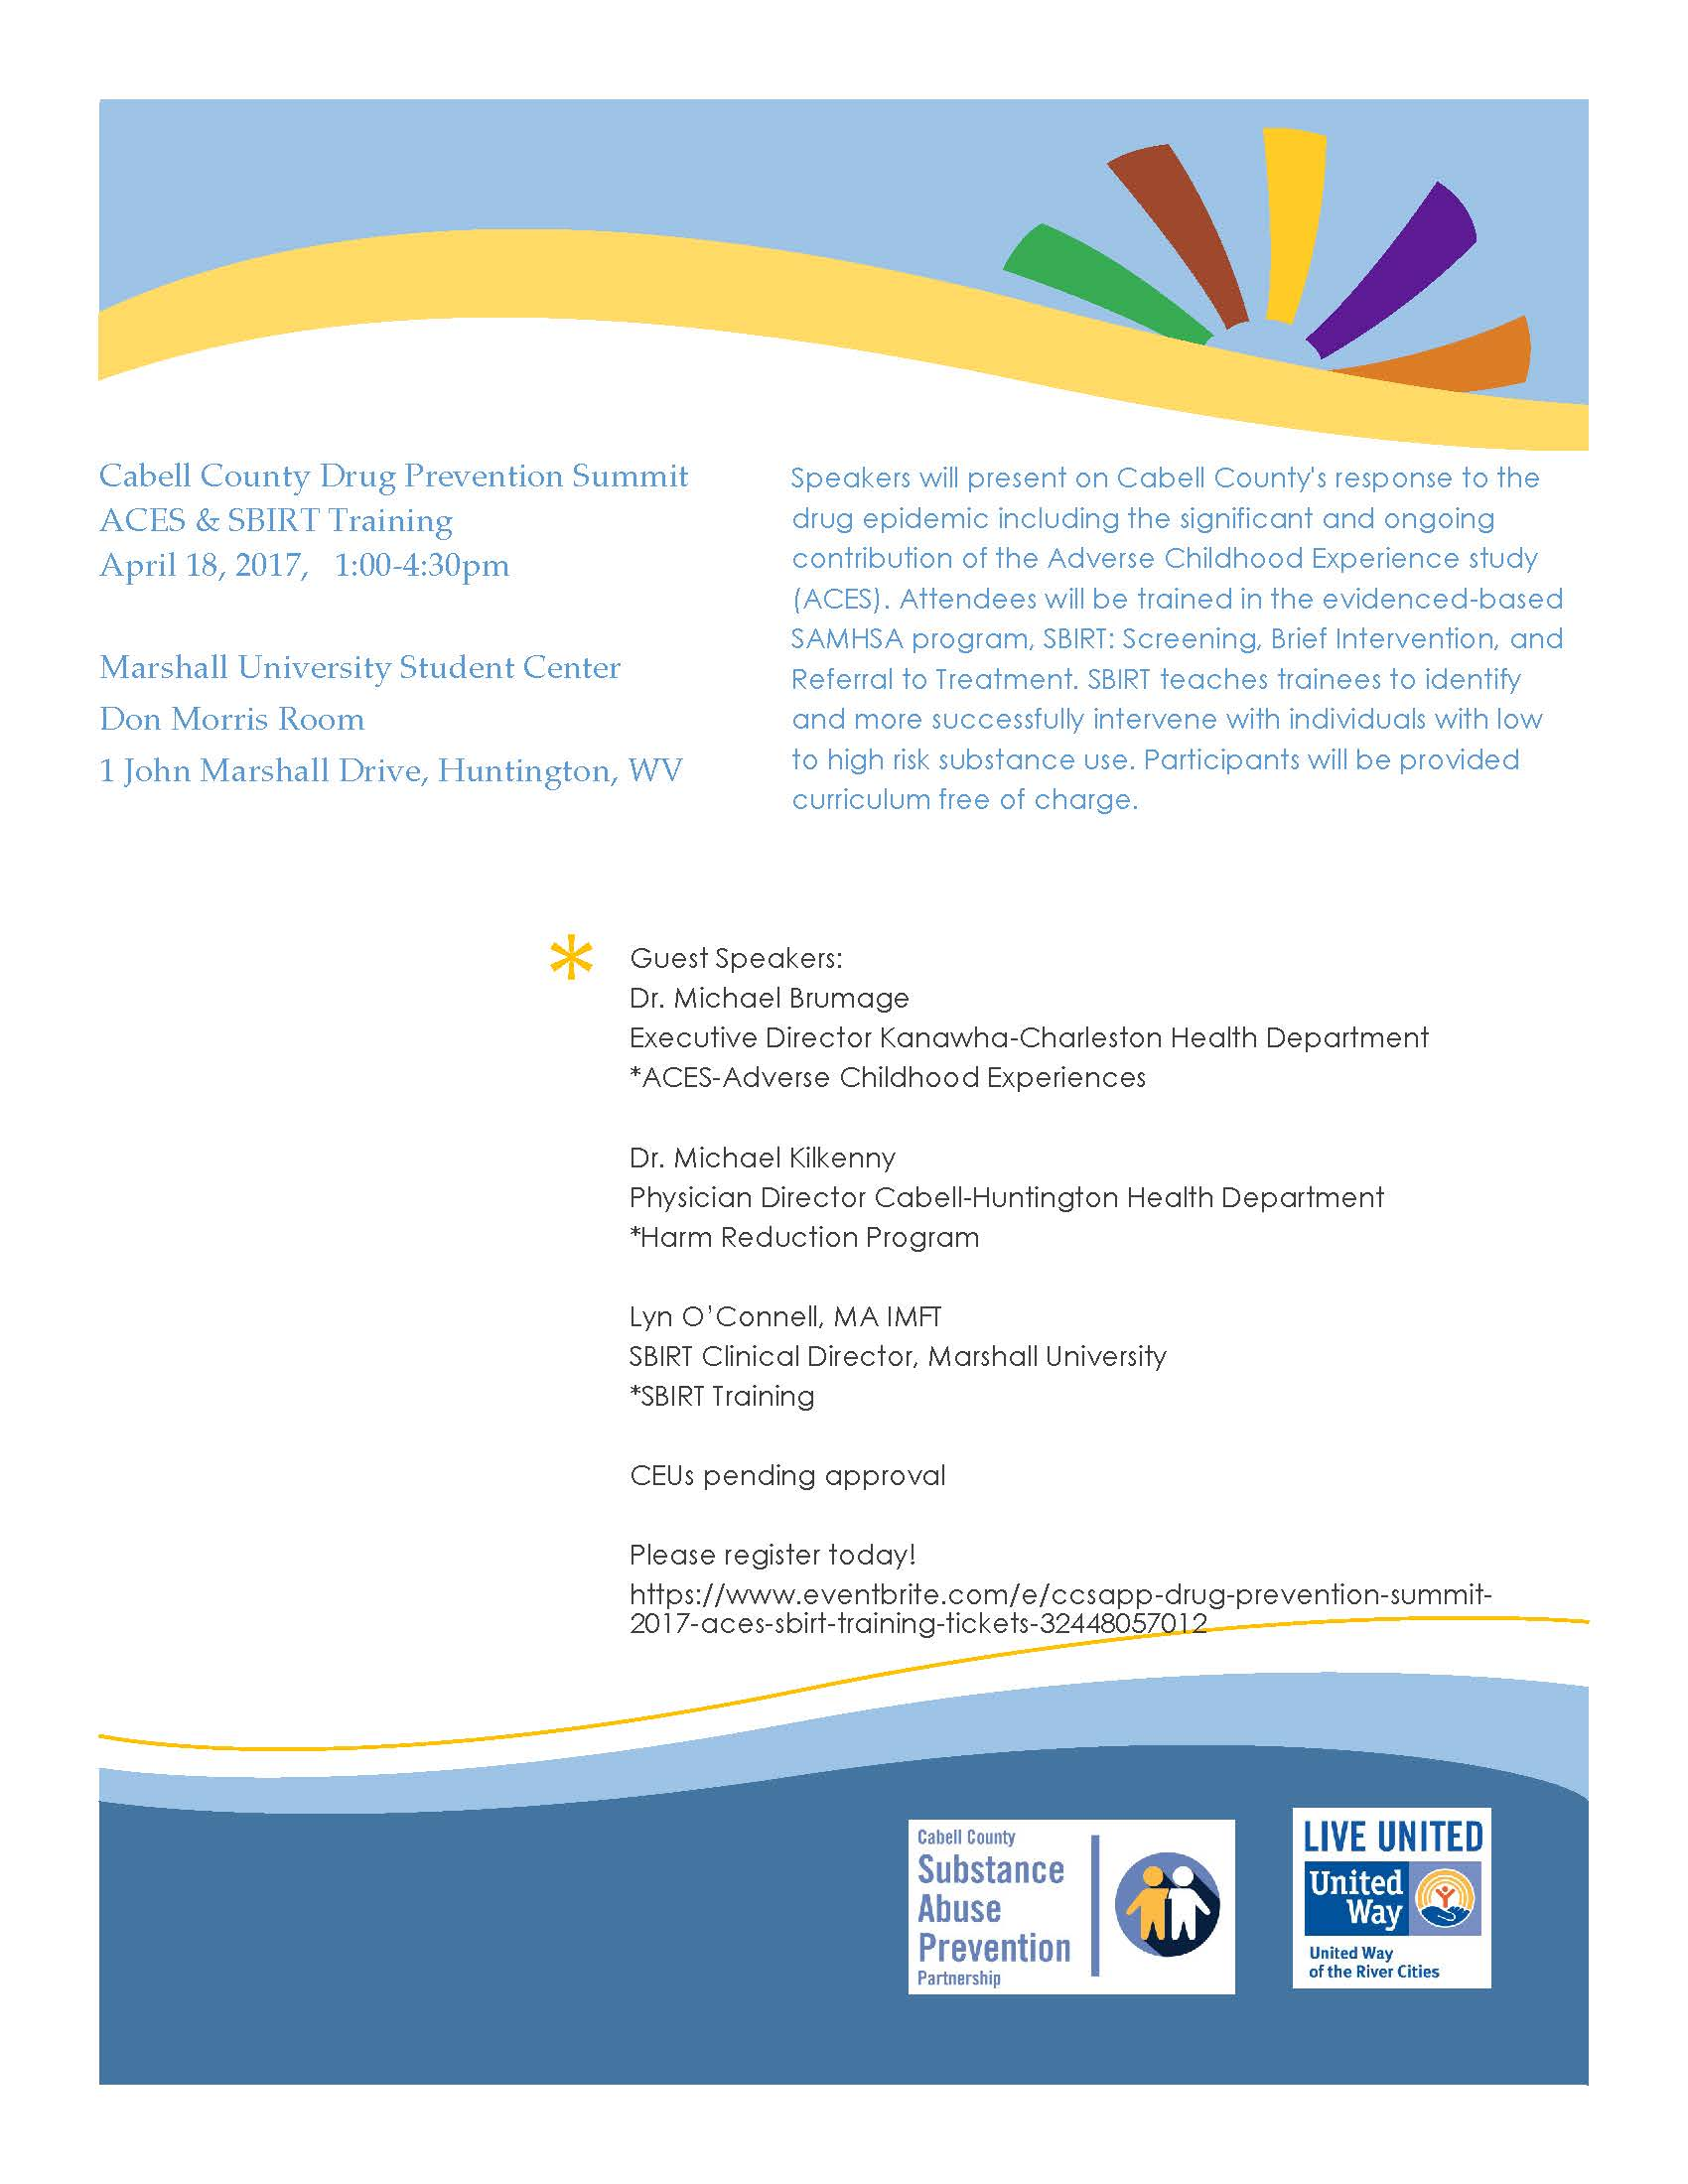 CCSAPP Drug Prevention Summit 2017–ACES & SBIRT Training Description